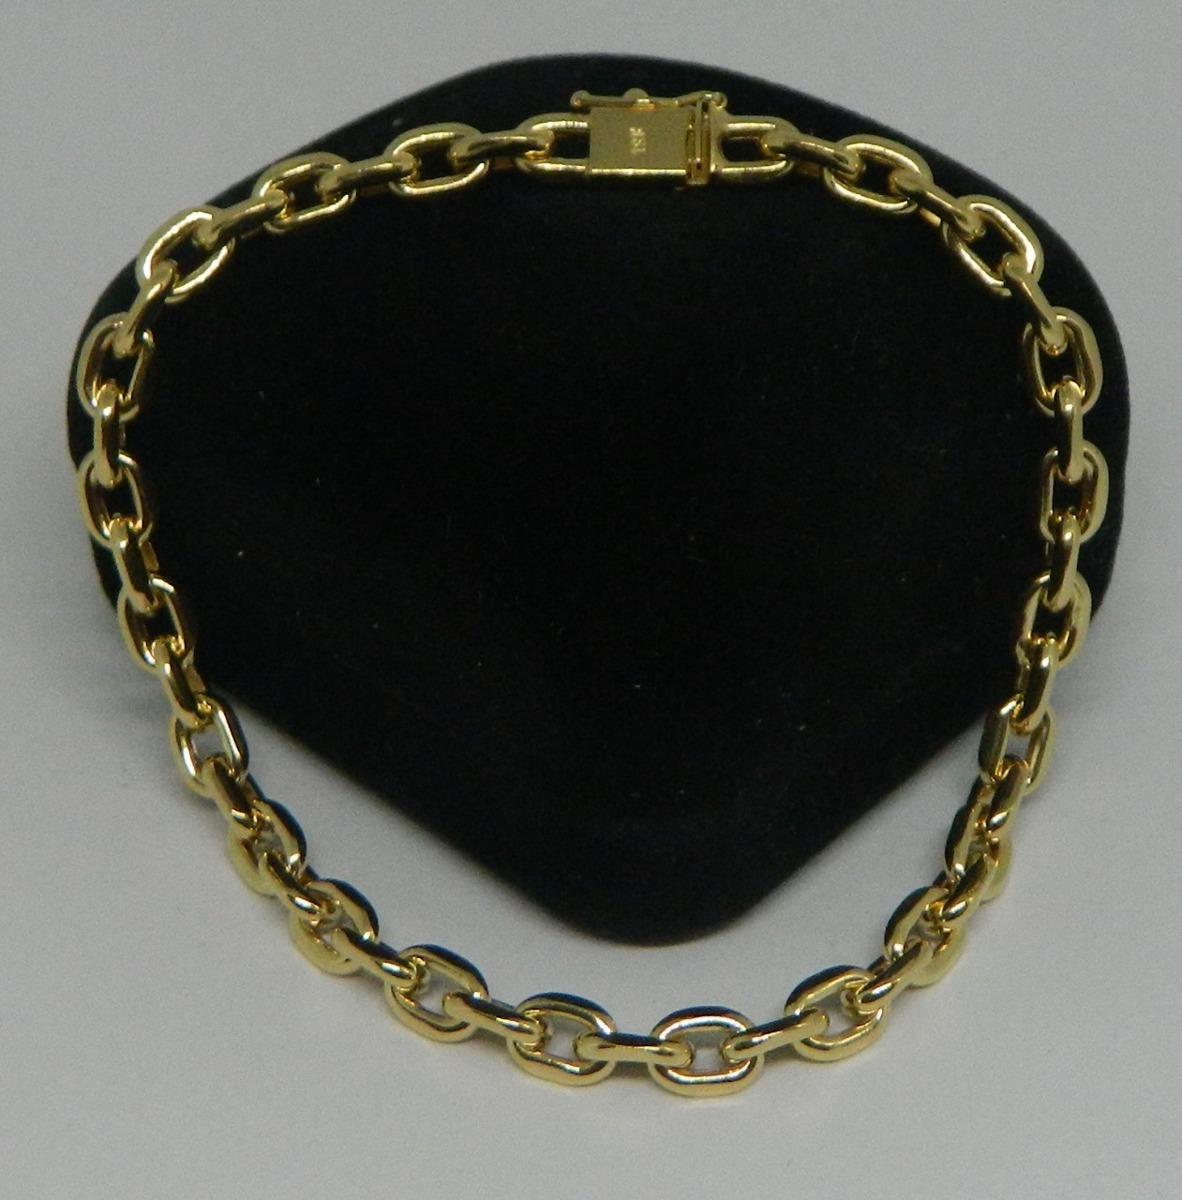 fe01075dd69 pulseira cartier ouro 18k 21cm 14.5 gramas!! Carregando zoom.